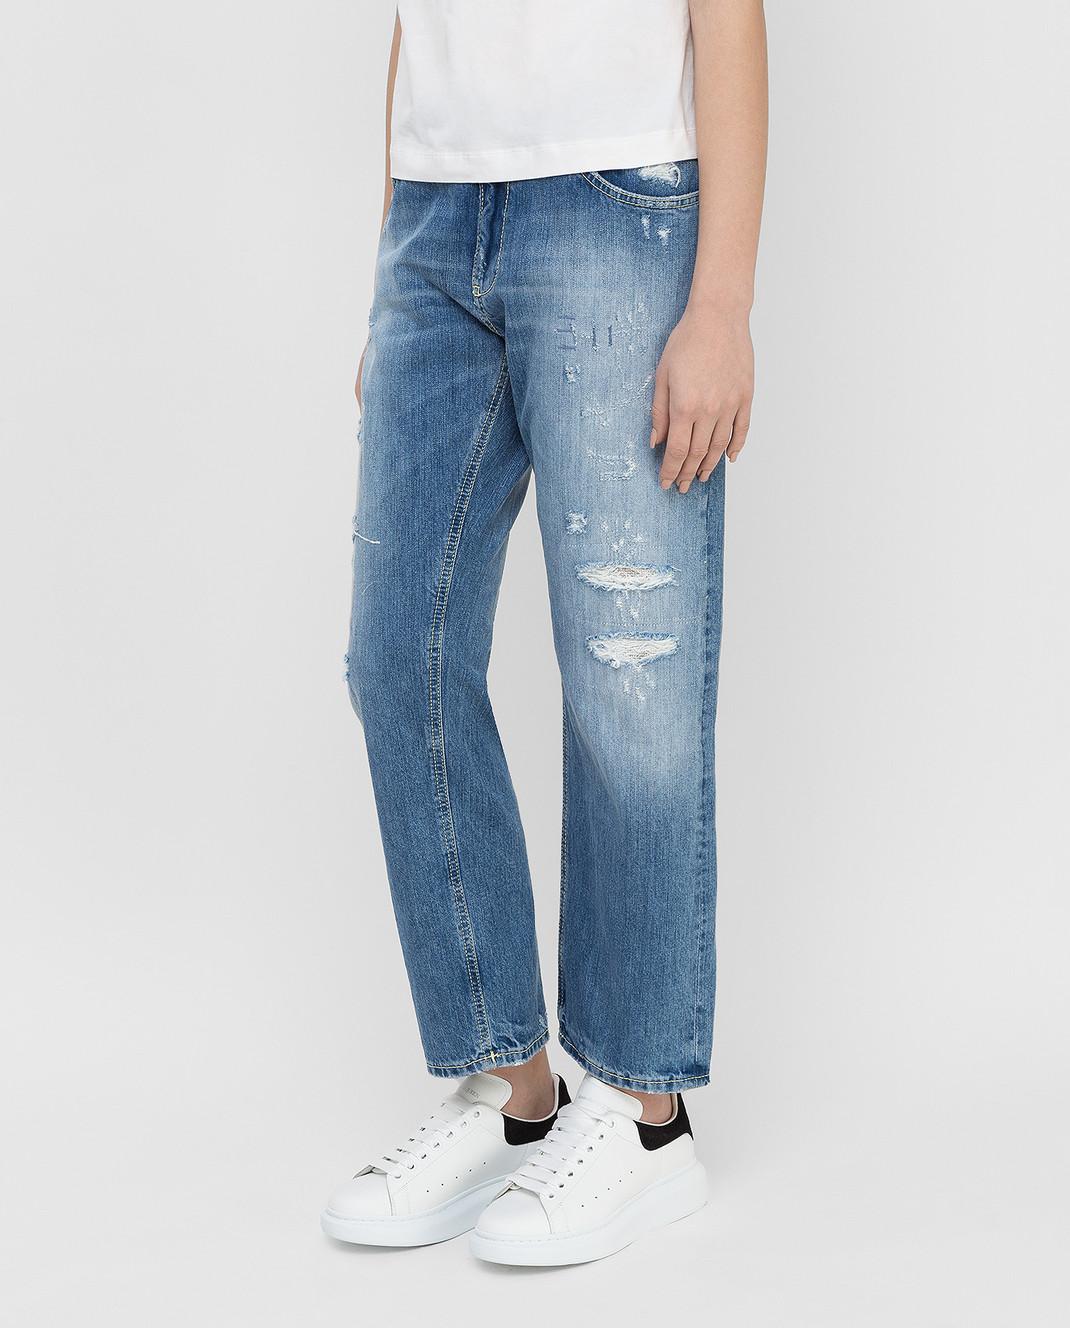 Dondup Голубые джинсы P611 изображение 3